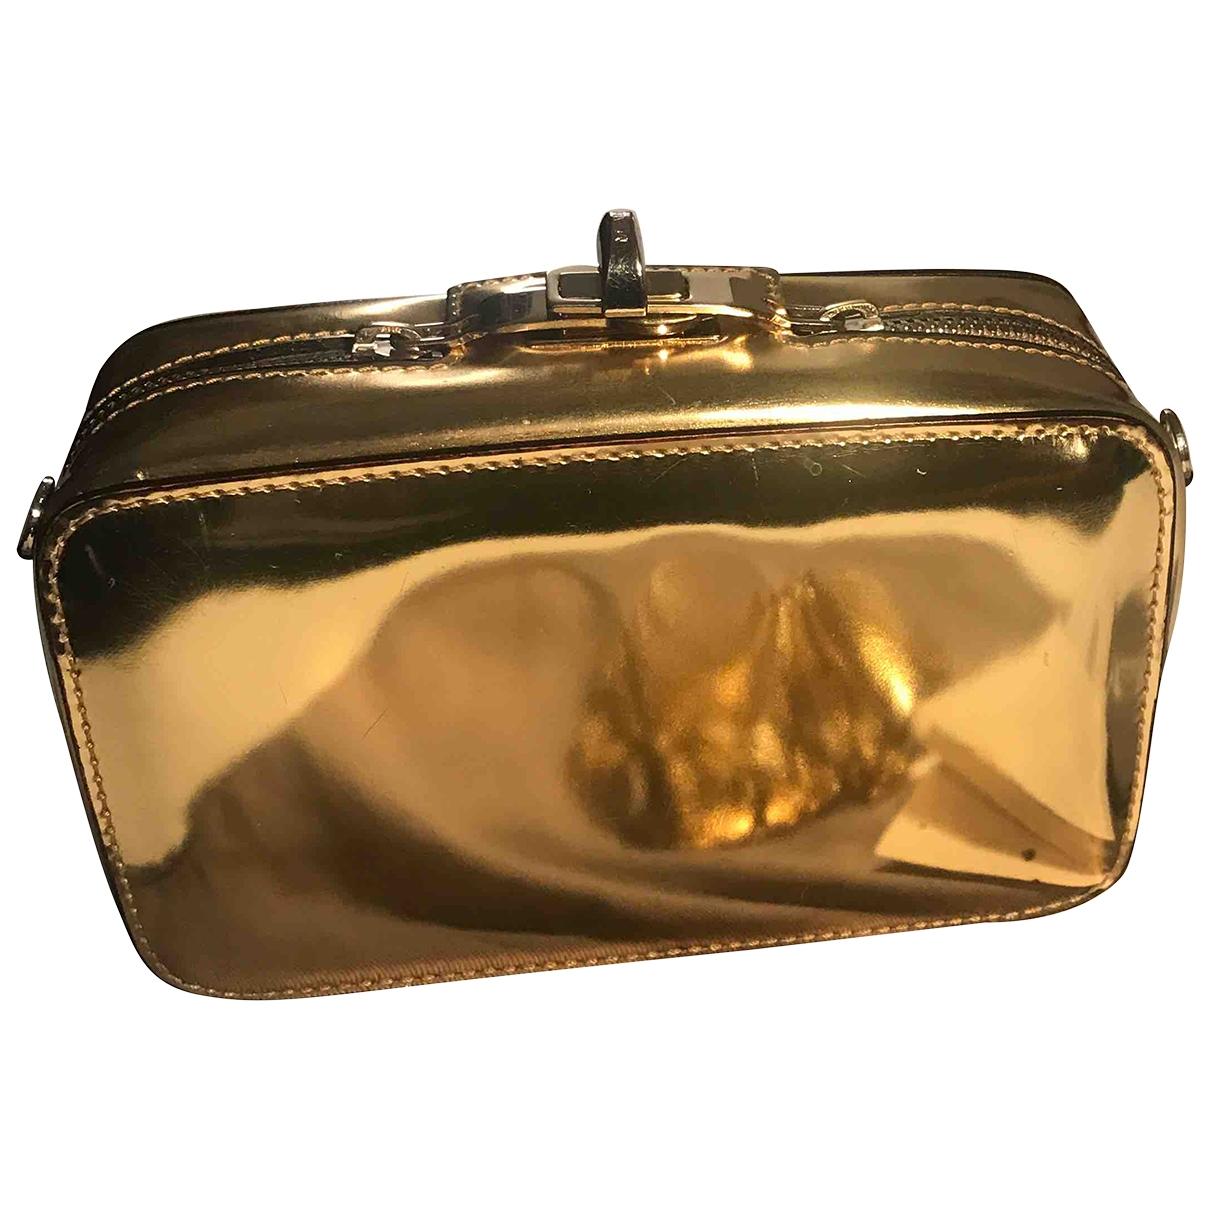 Max Mara \N Gold Leather Clutch bag for Women \N